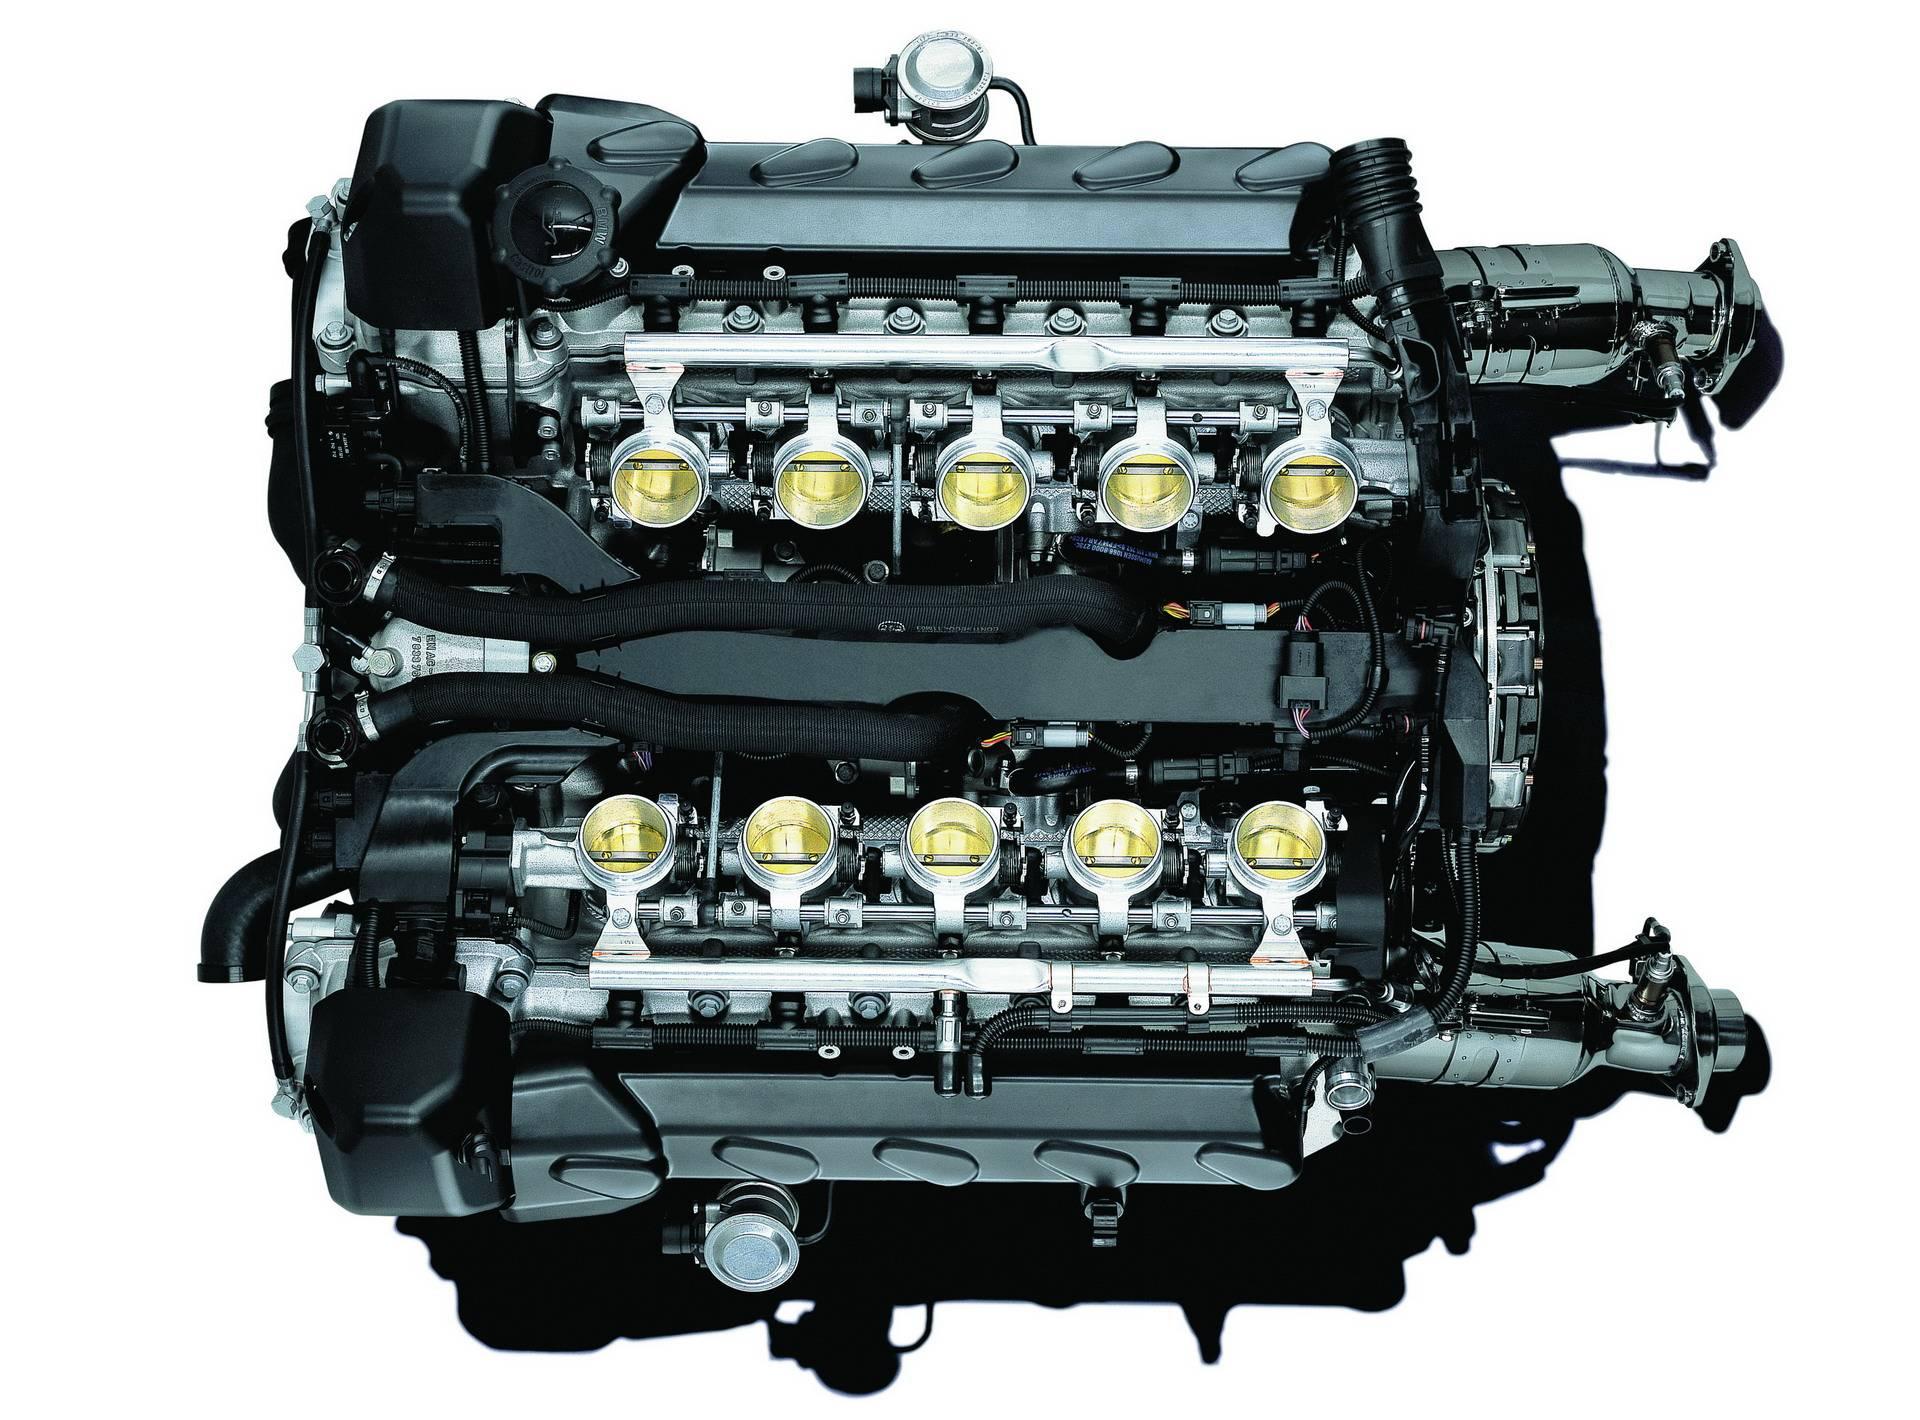 Двигатель BMW S85 V10 - легендарный мотор из Баварии 9